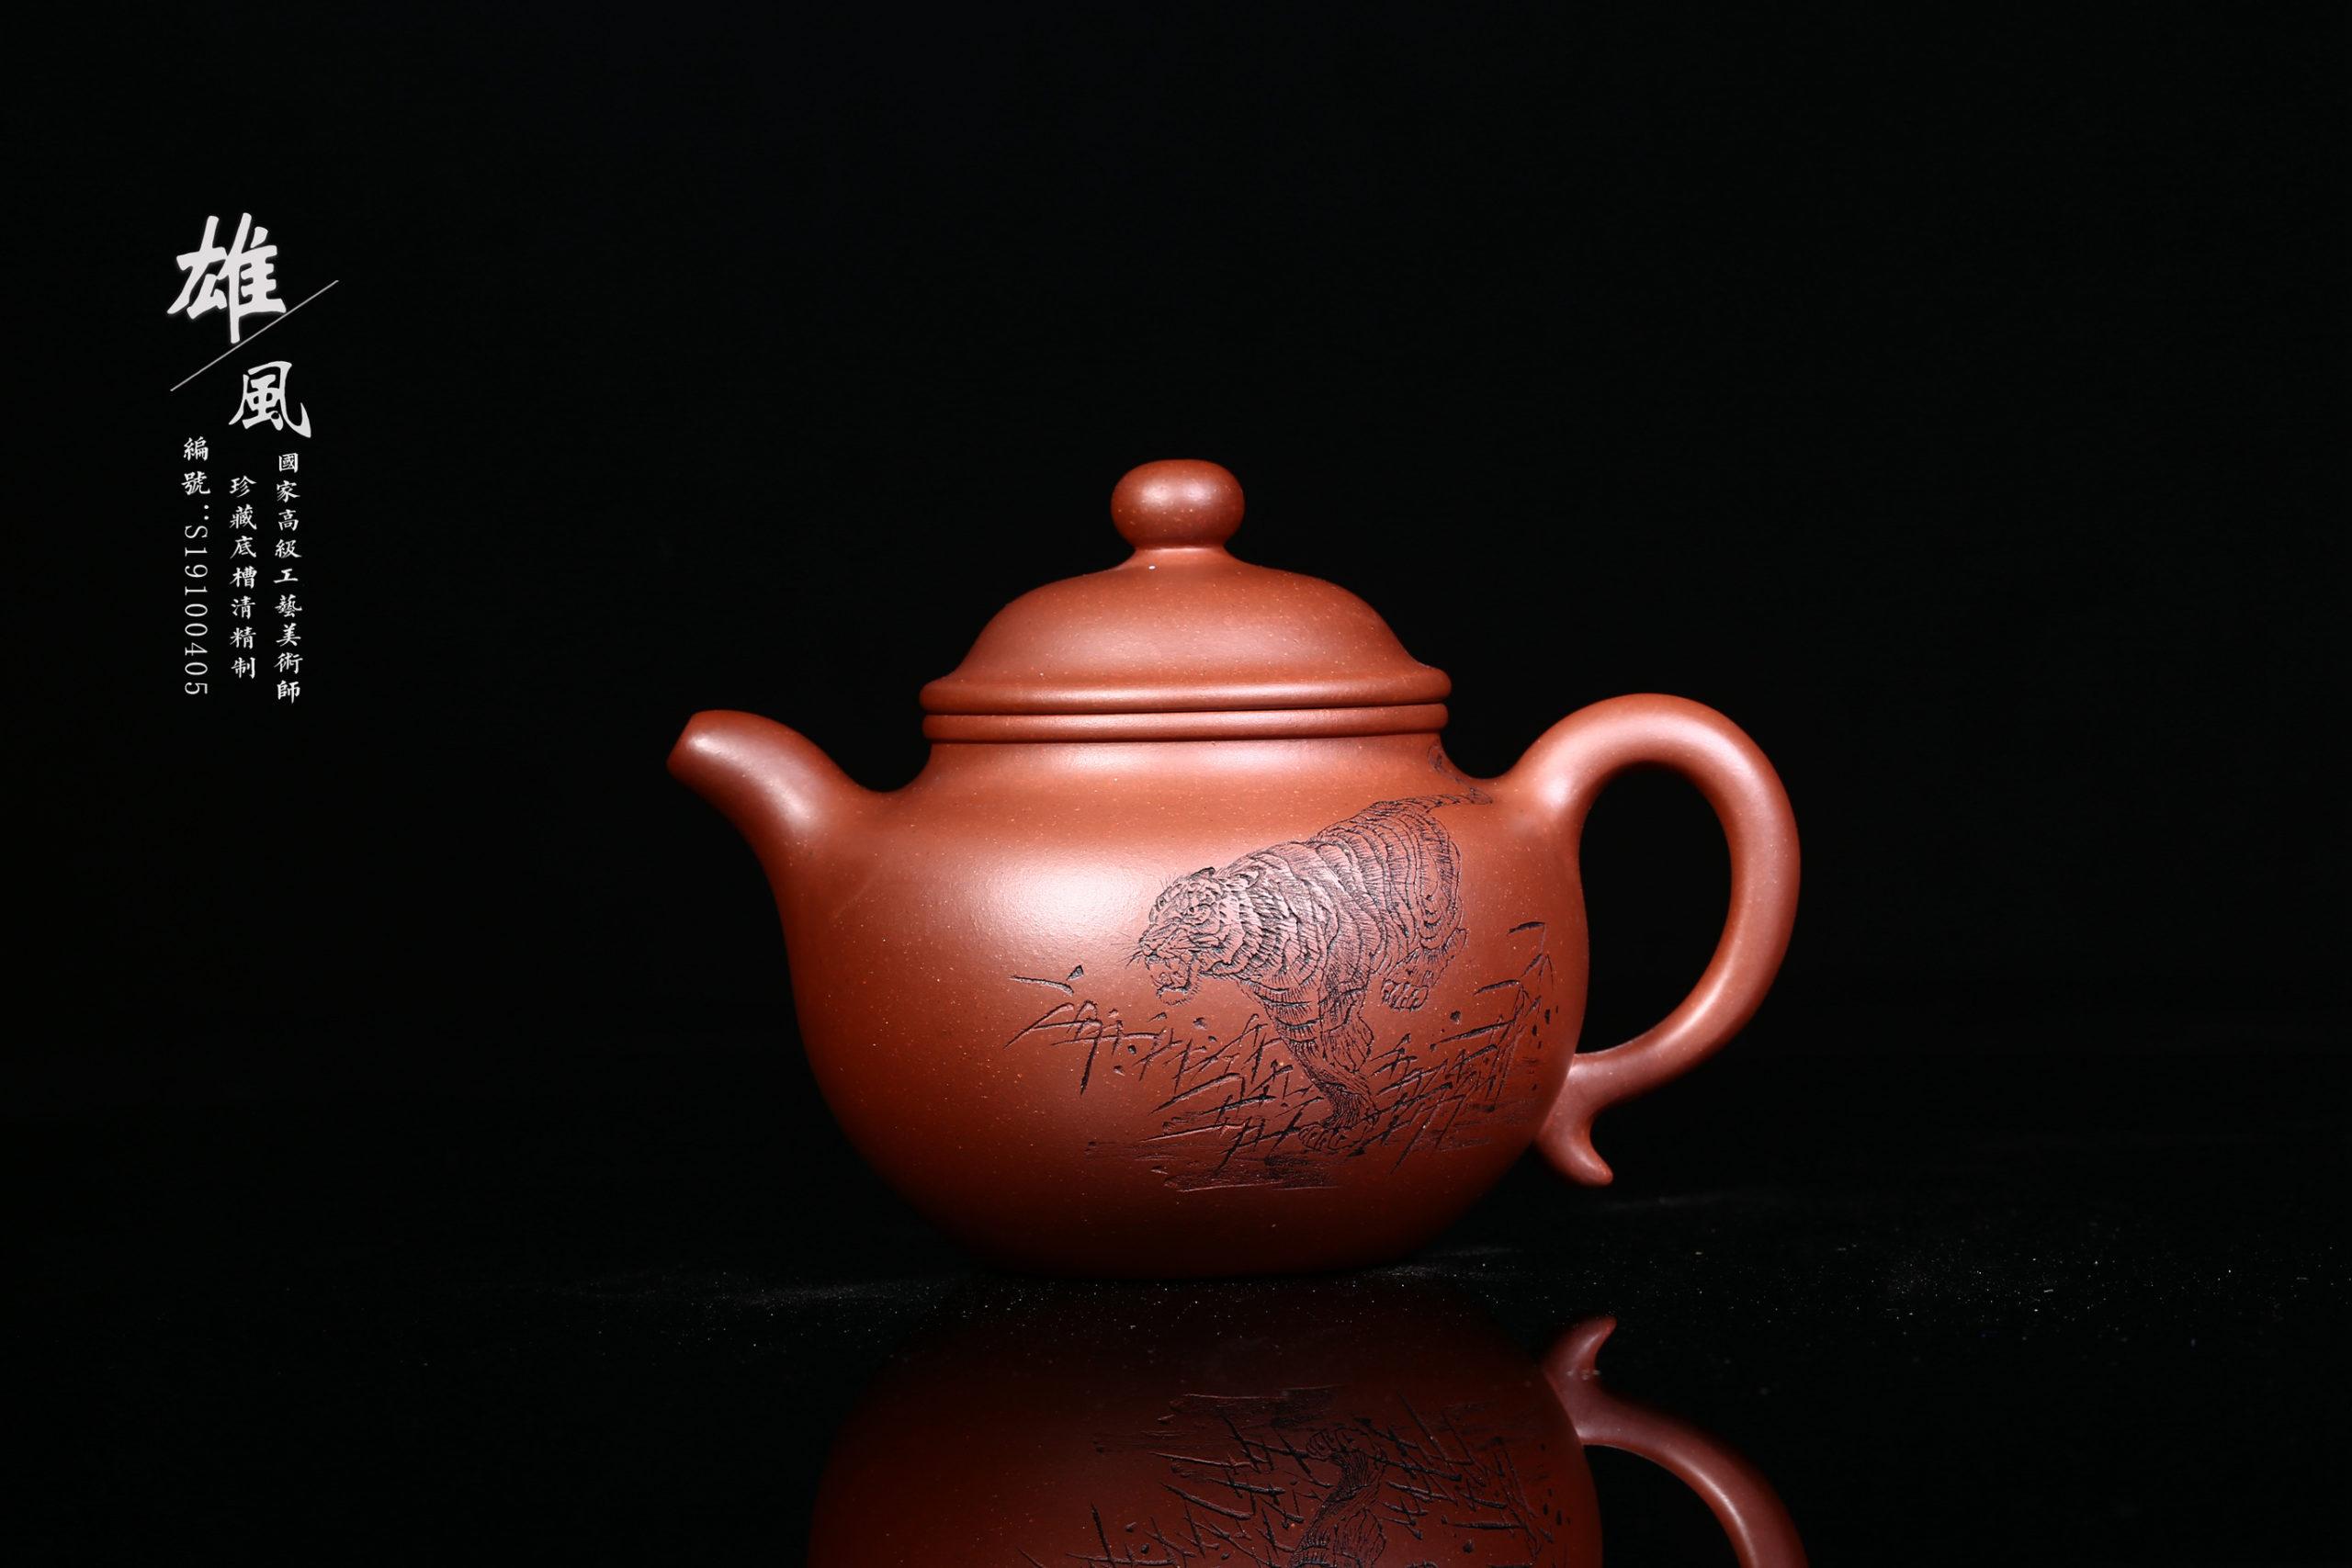 为什么多喝茶等于少吃药?